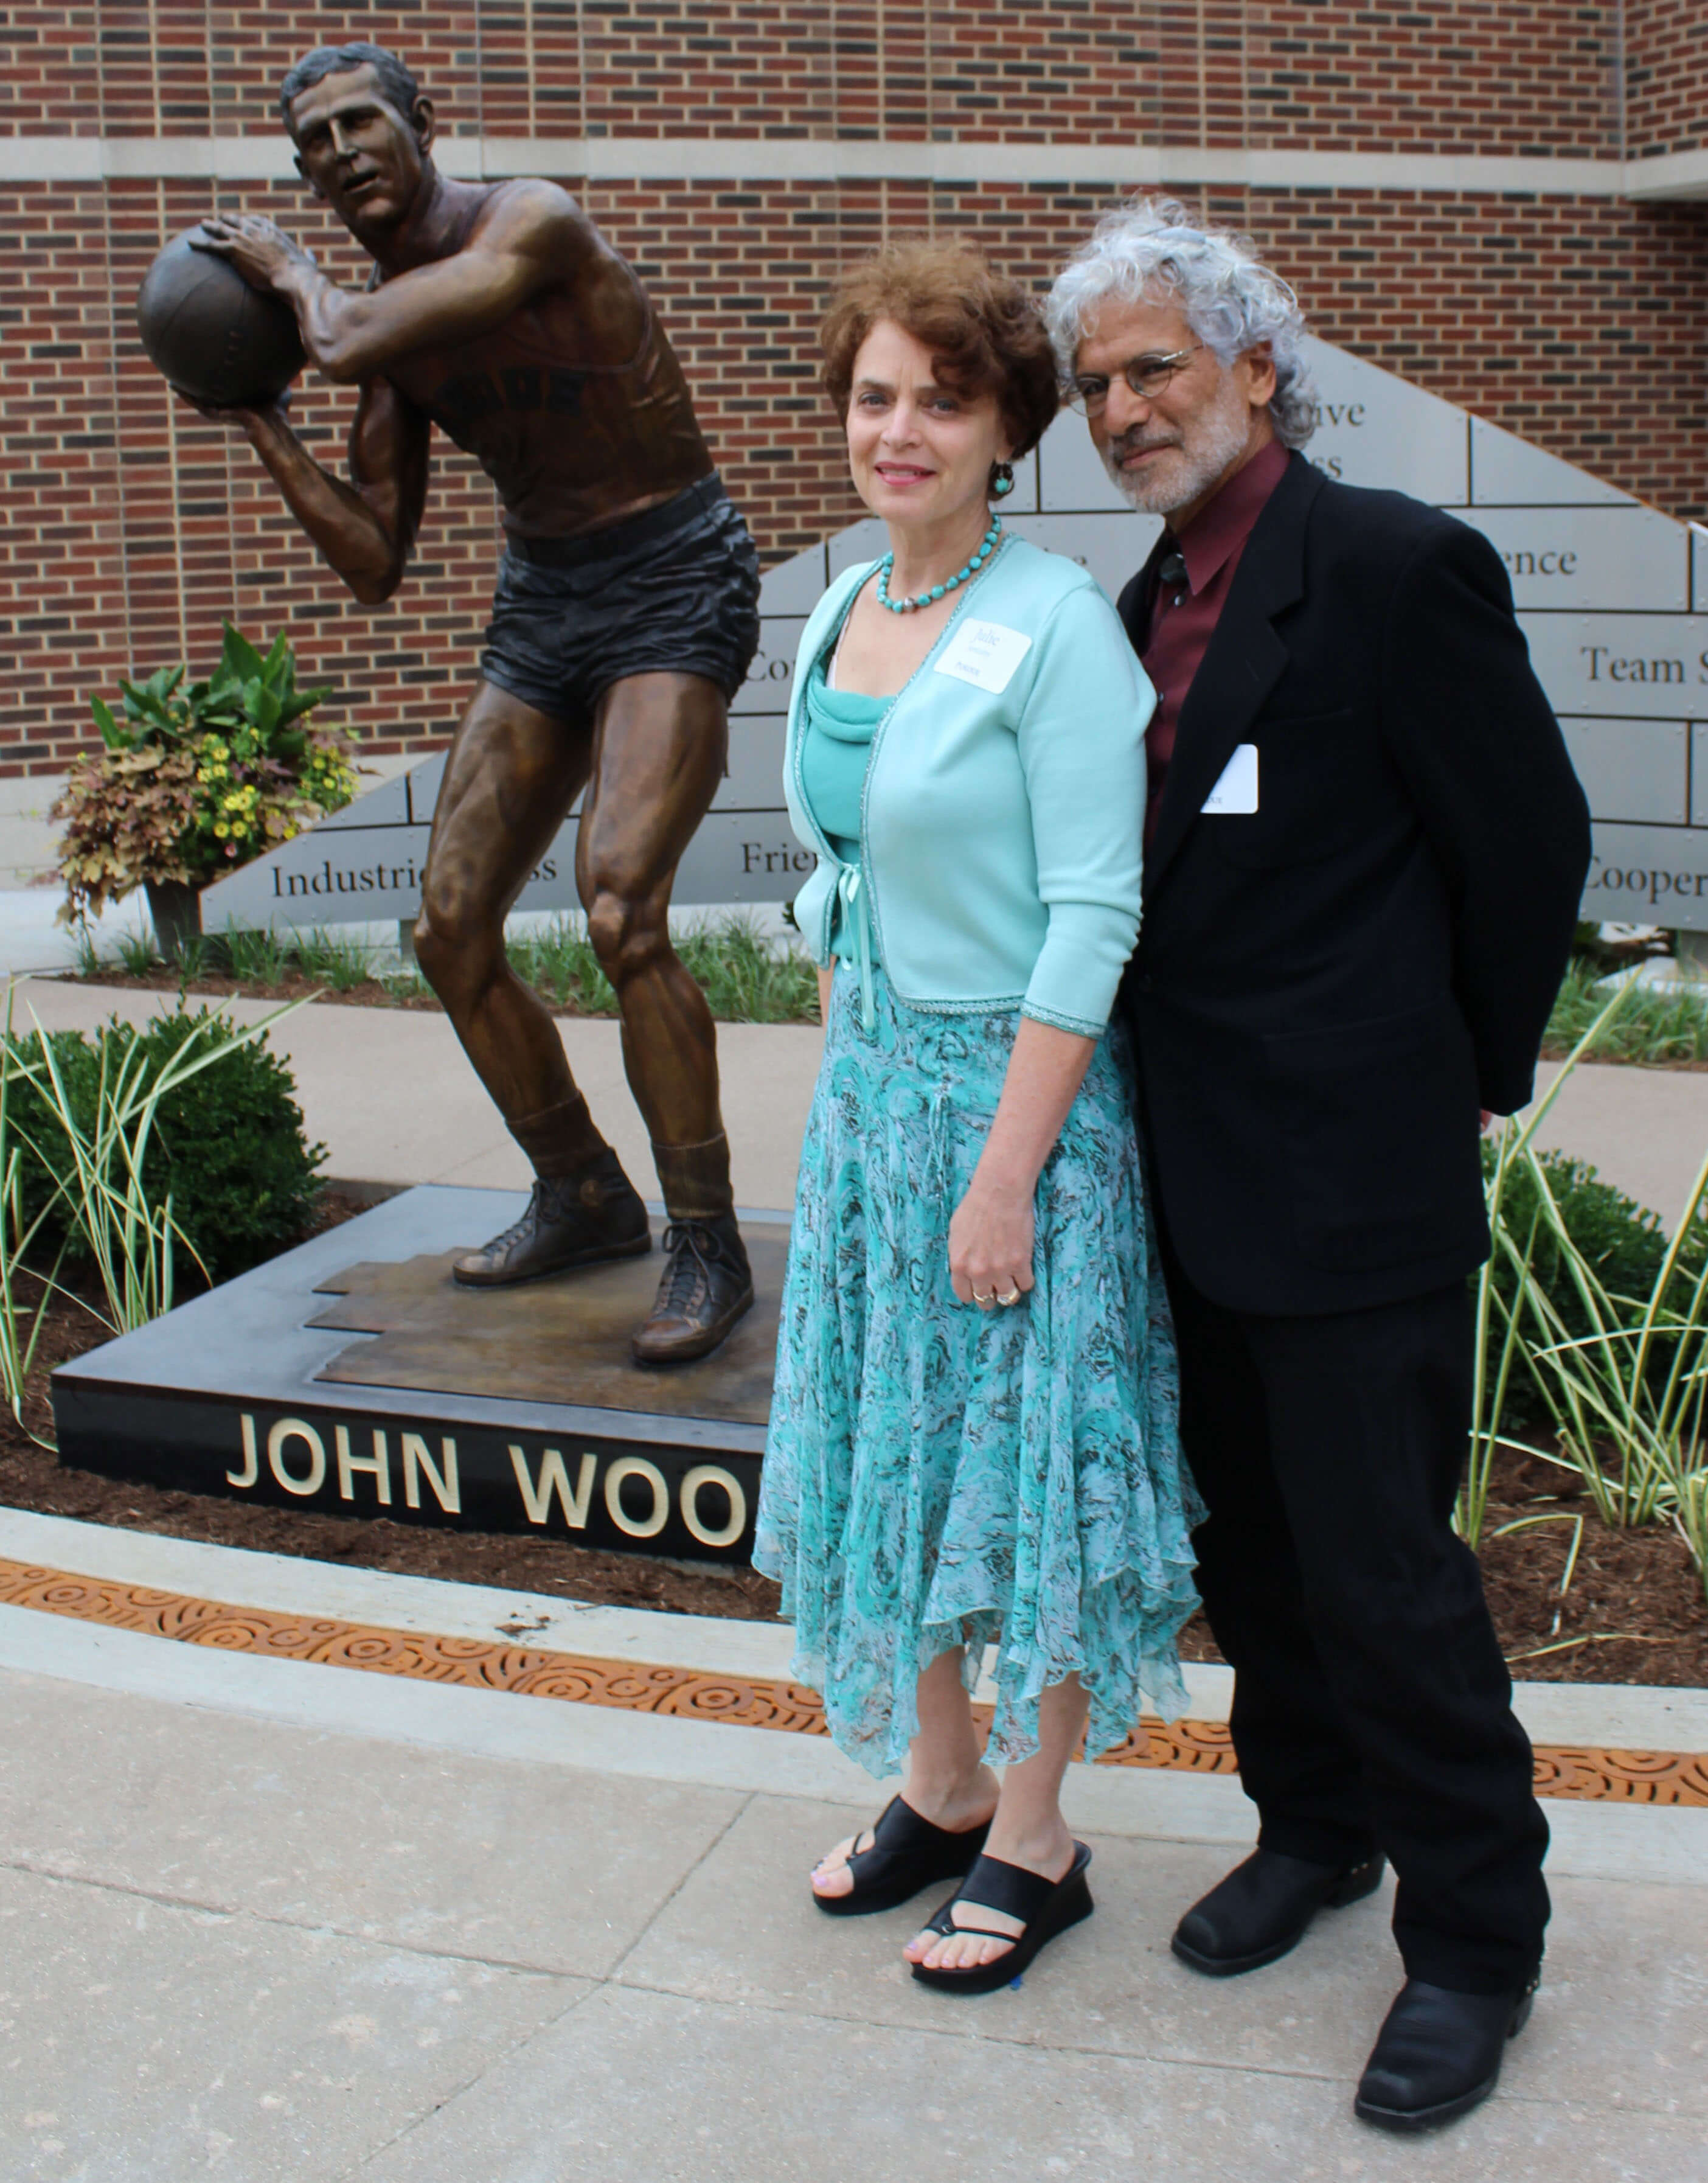 John Wooden, Purdue University, West Lafayette, statue